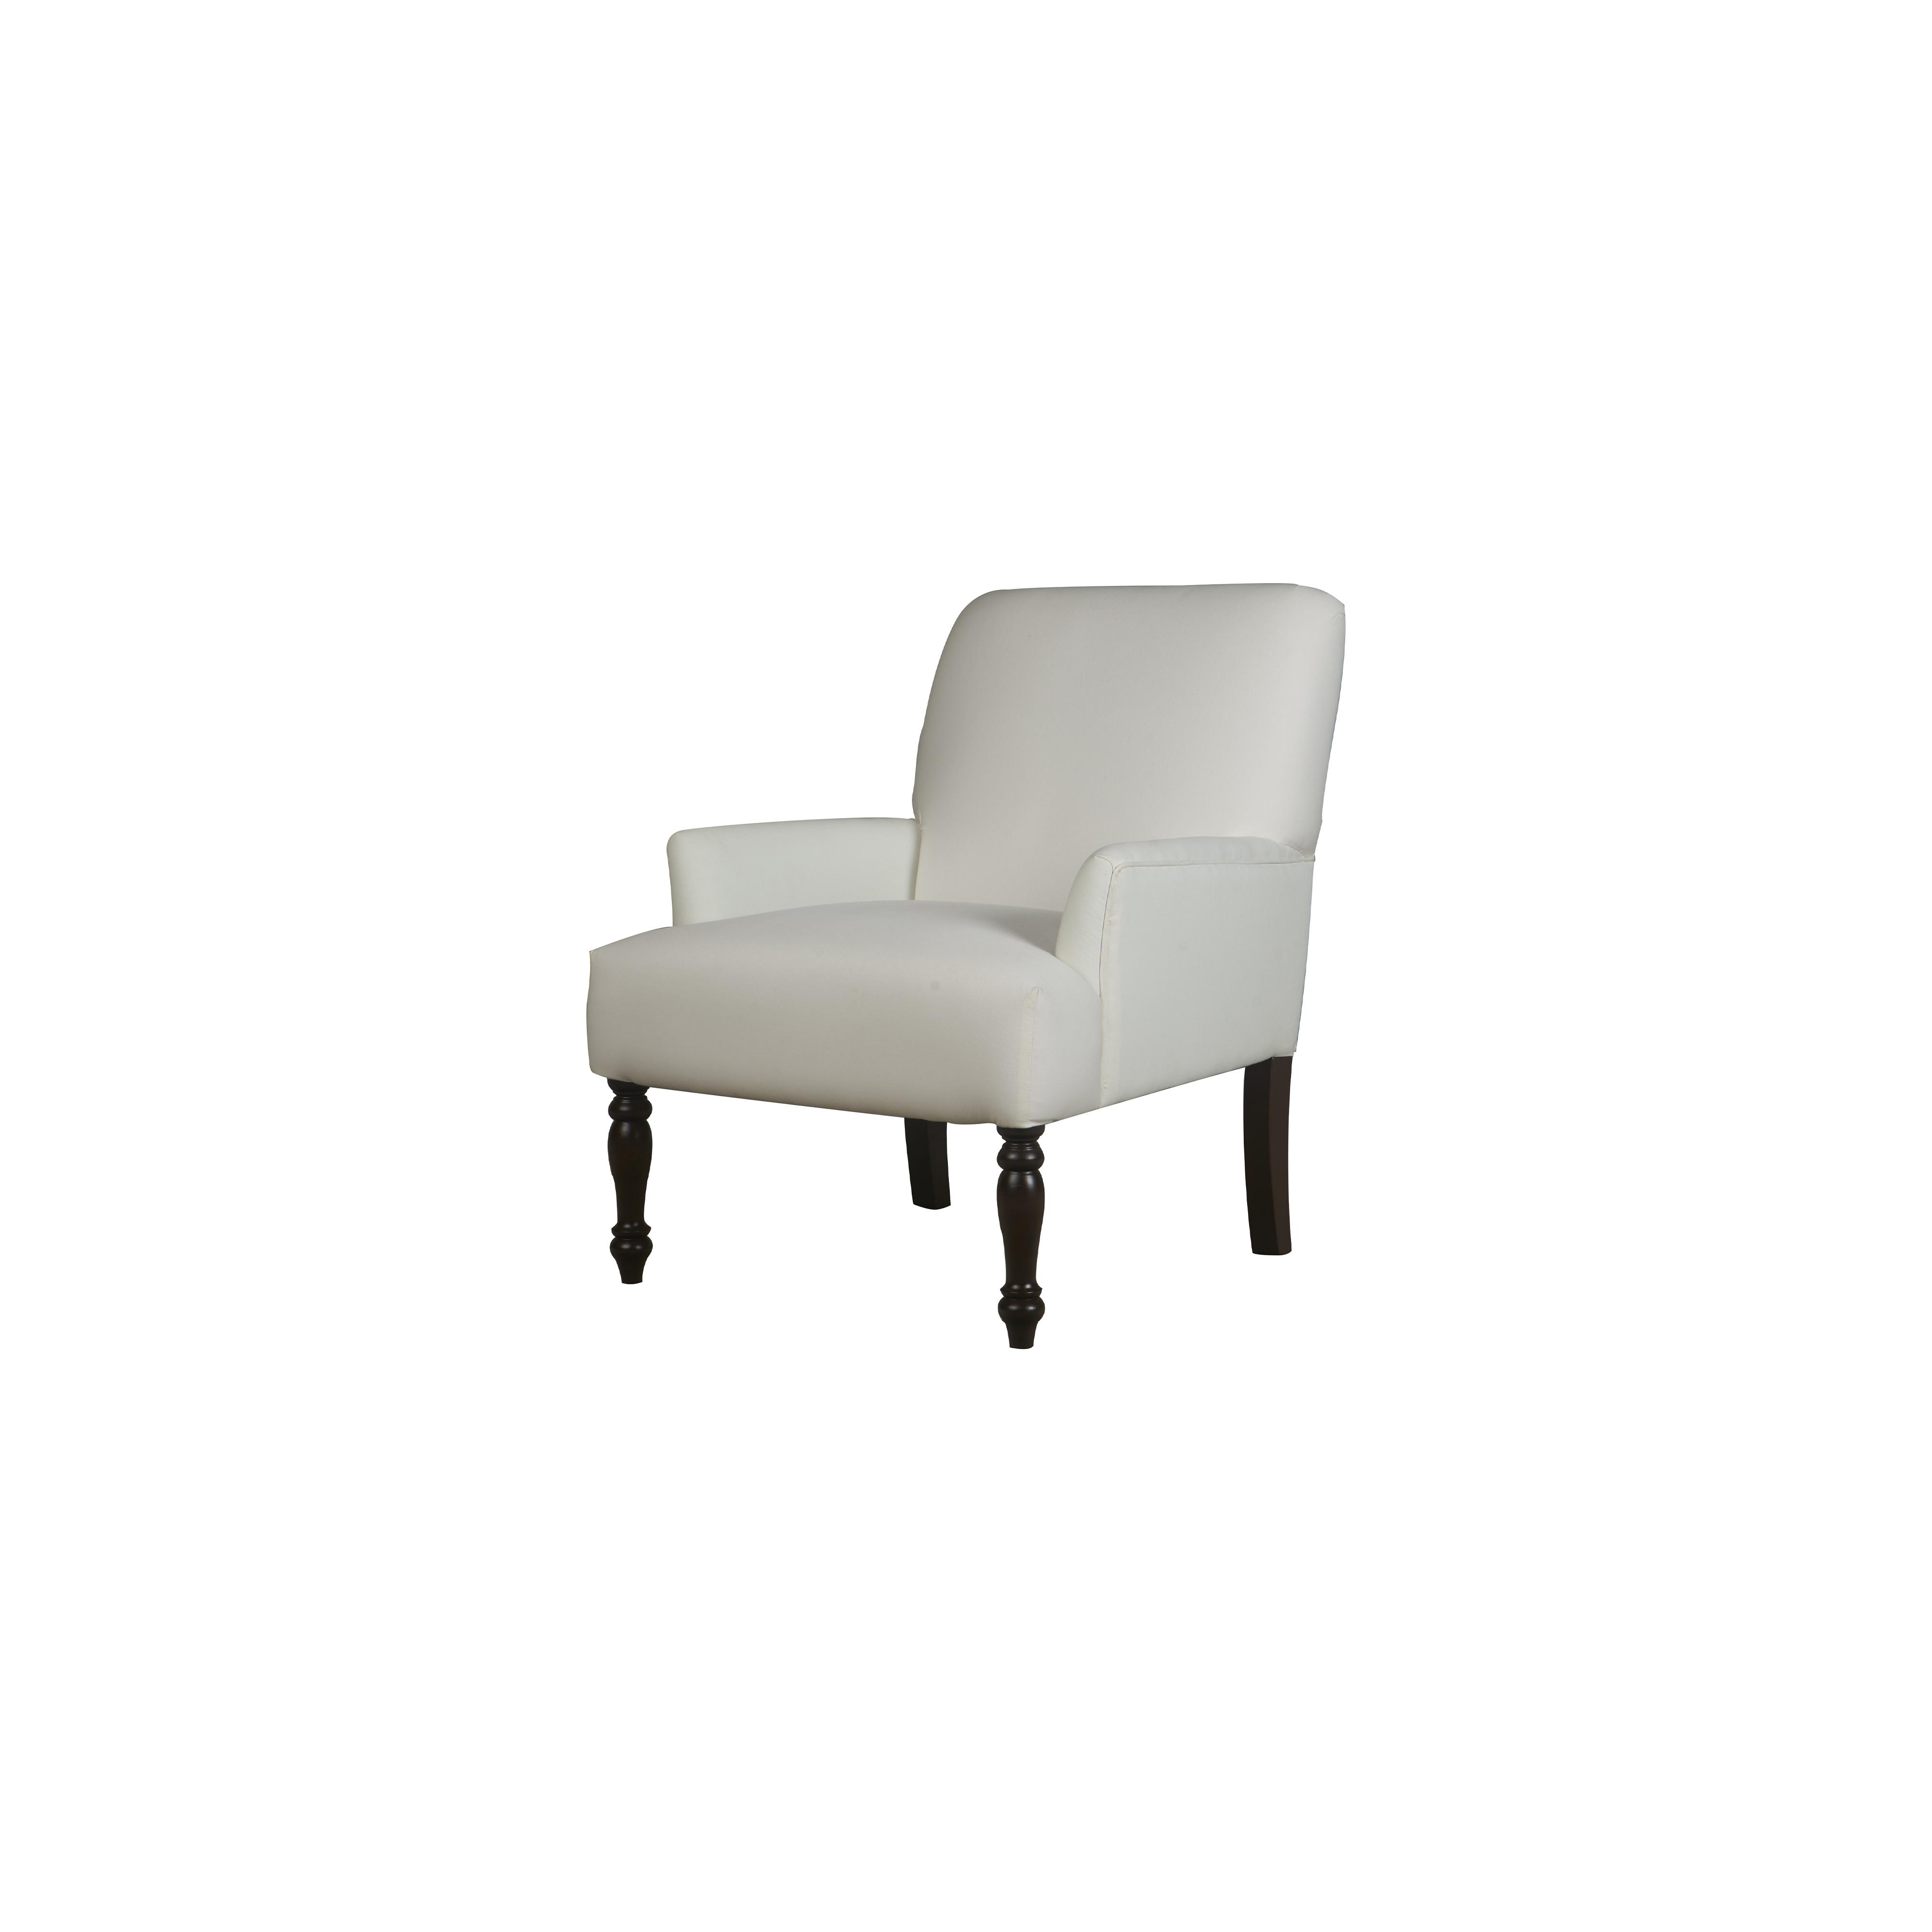 Bridgerton armchair